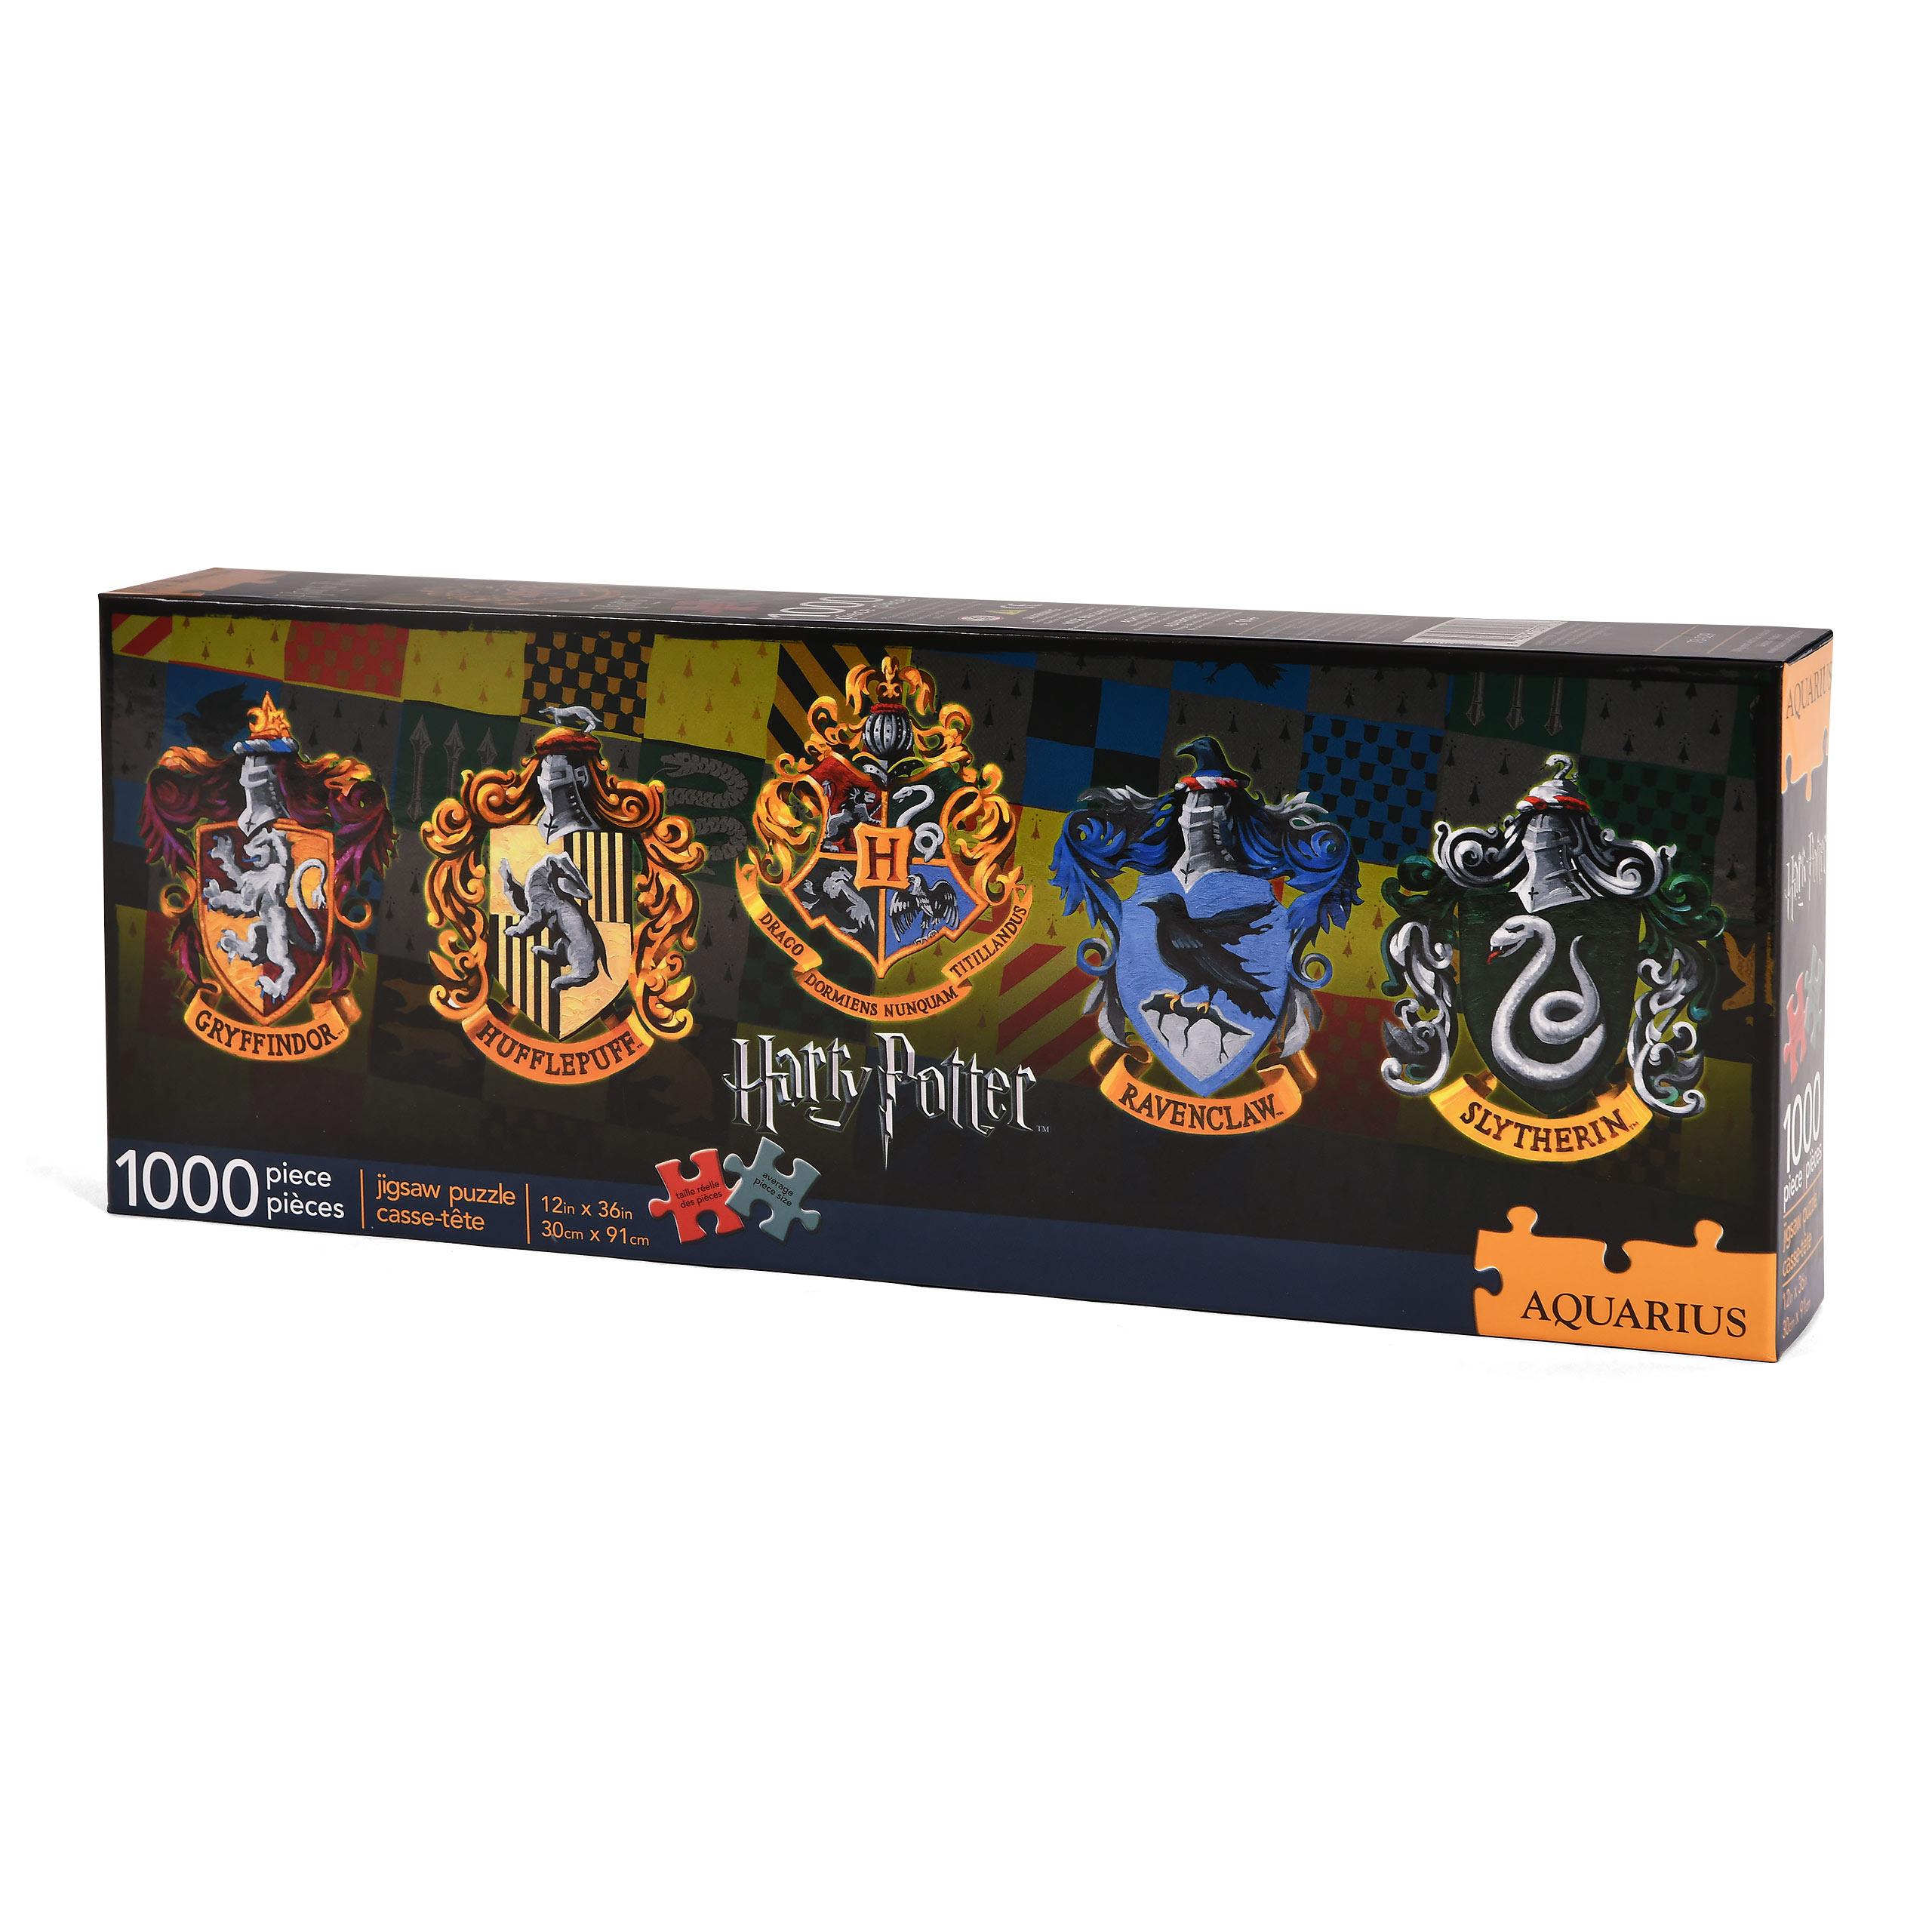 Harry Potter - Häuserwappen Slim Puzzle 1000 Teile